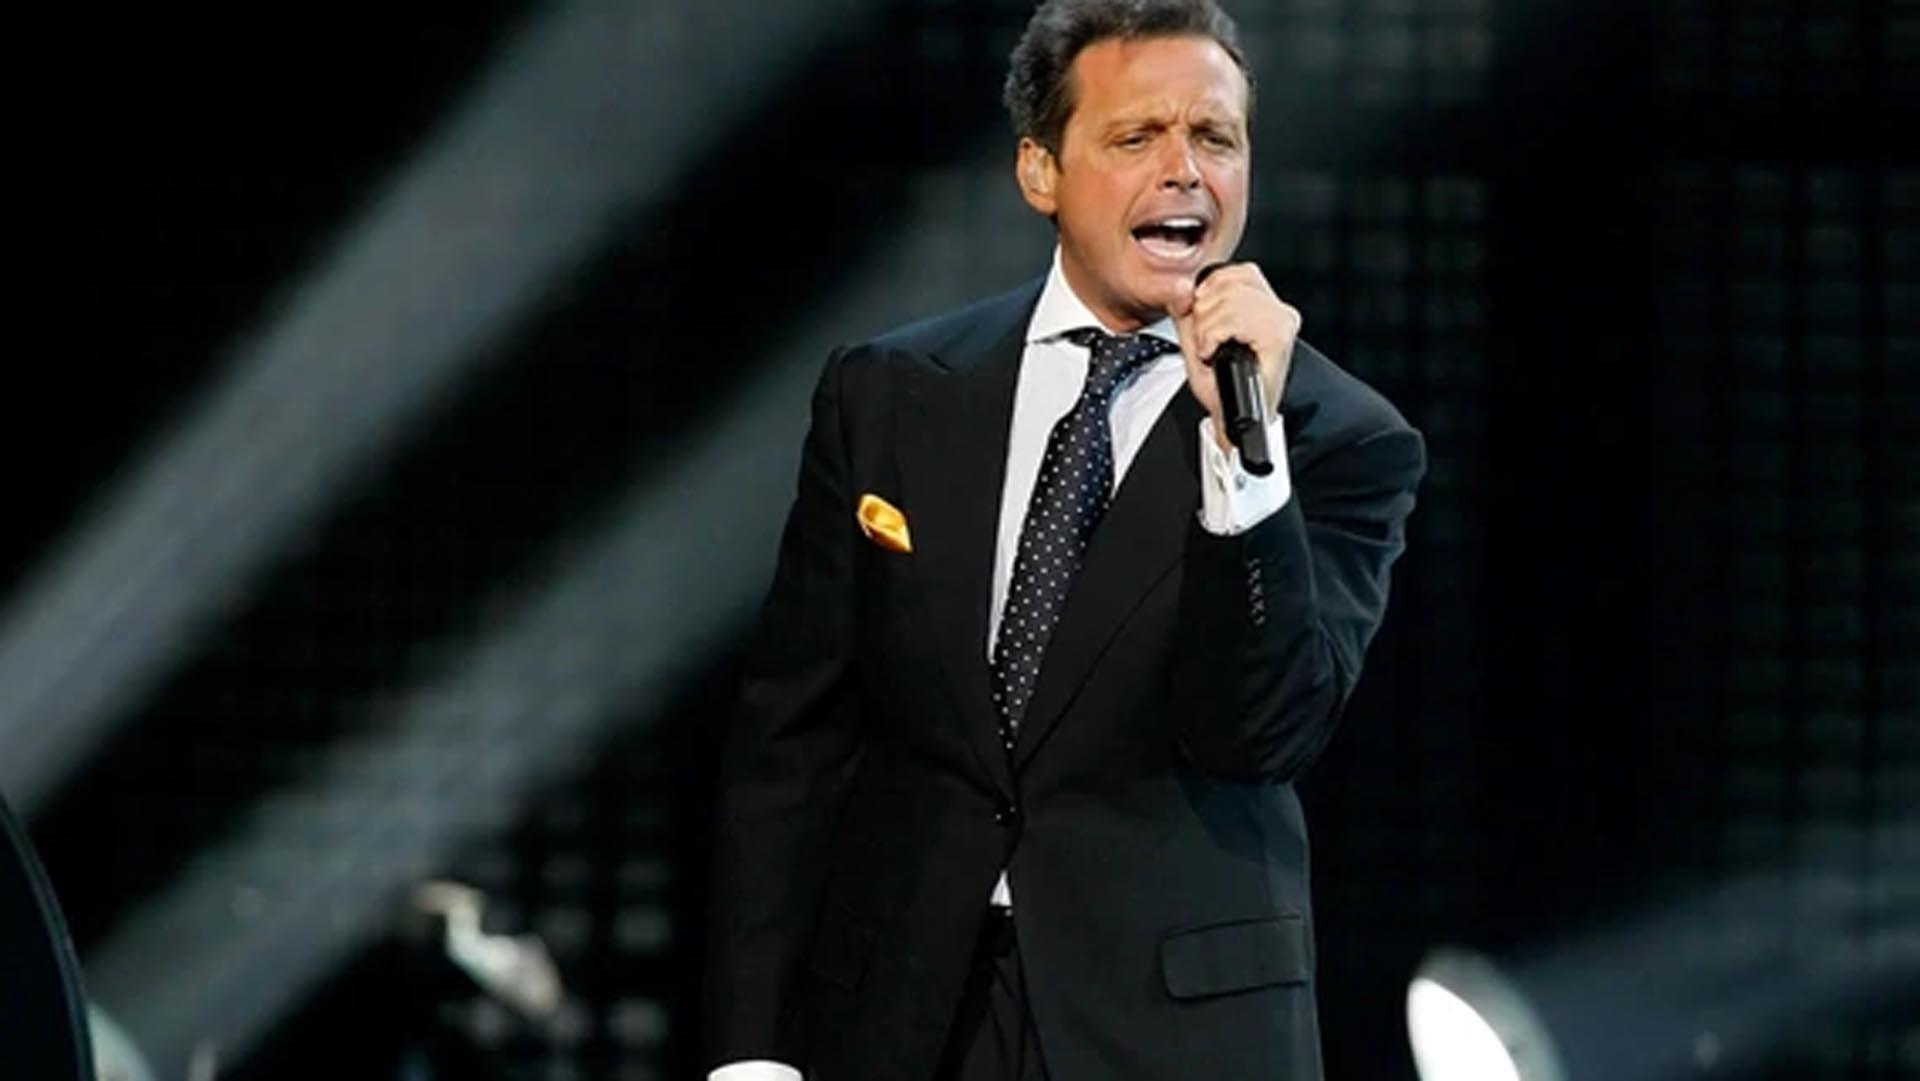 La serie Luis Miguel generó interés por conocer los detalles de la vida personal y la carrera del cantante.